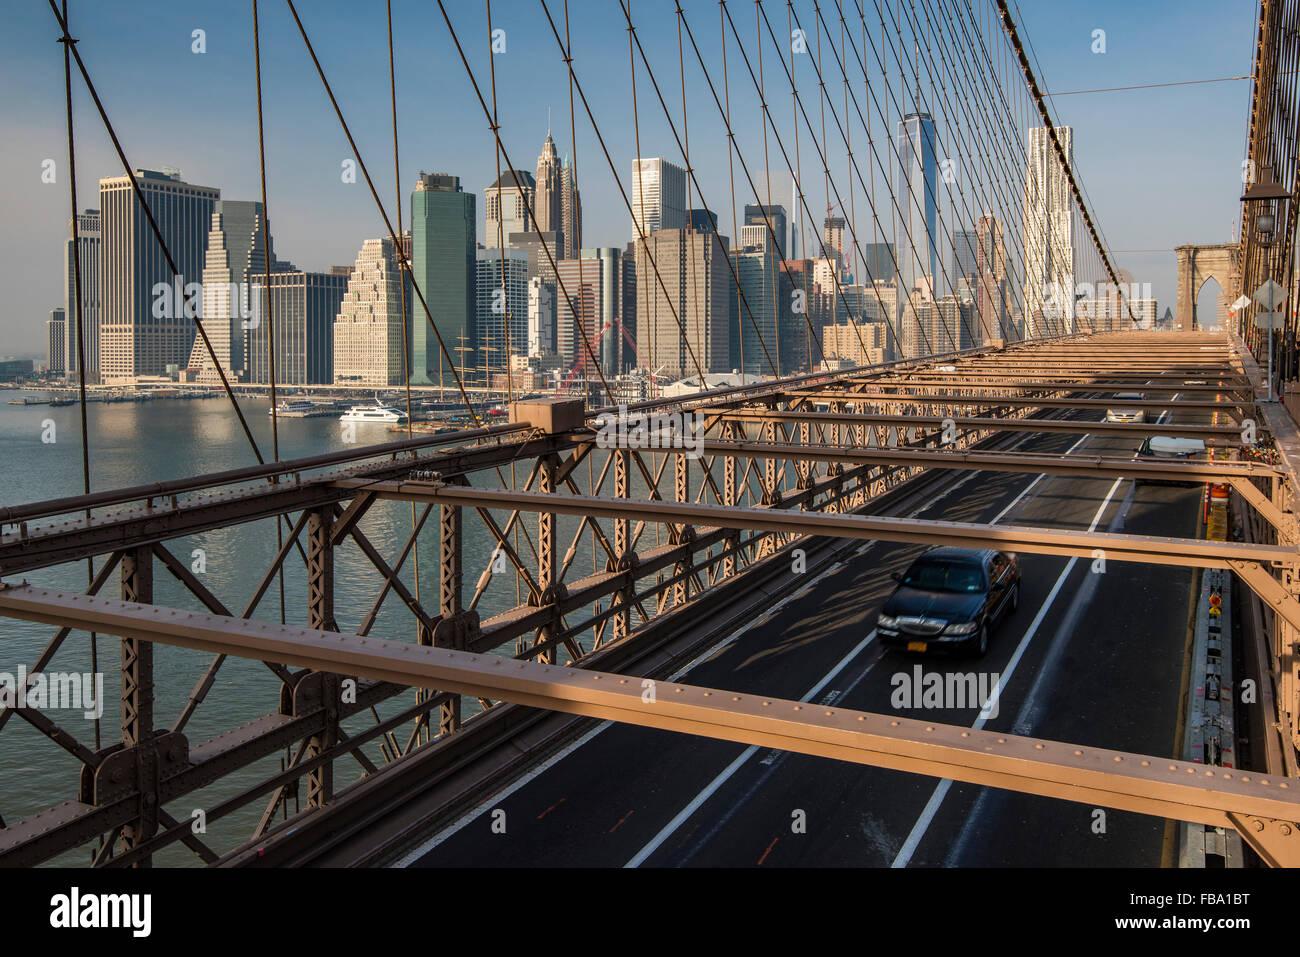 Puente de Brooklyn con Manhattan skyline detrás, Nueva York, EE.UU. Imagen De Stock